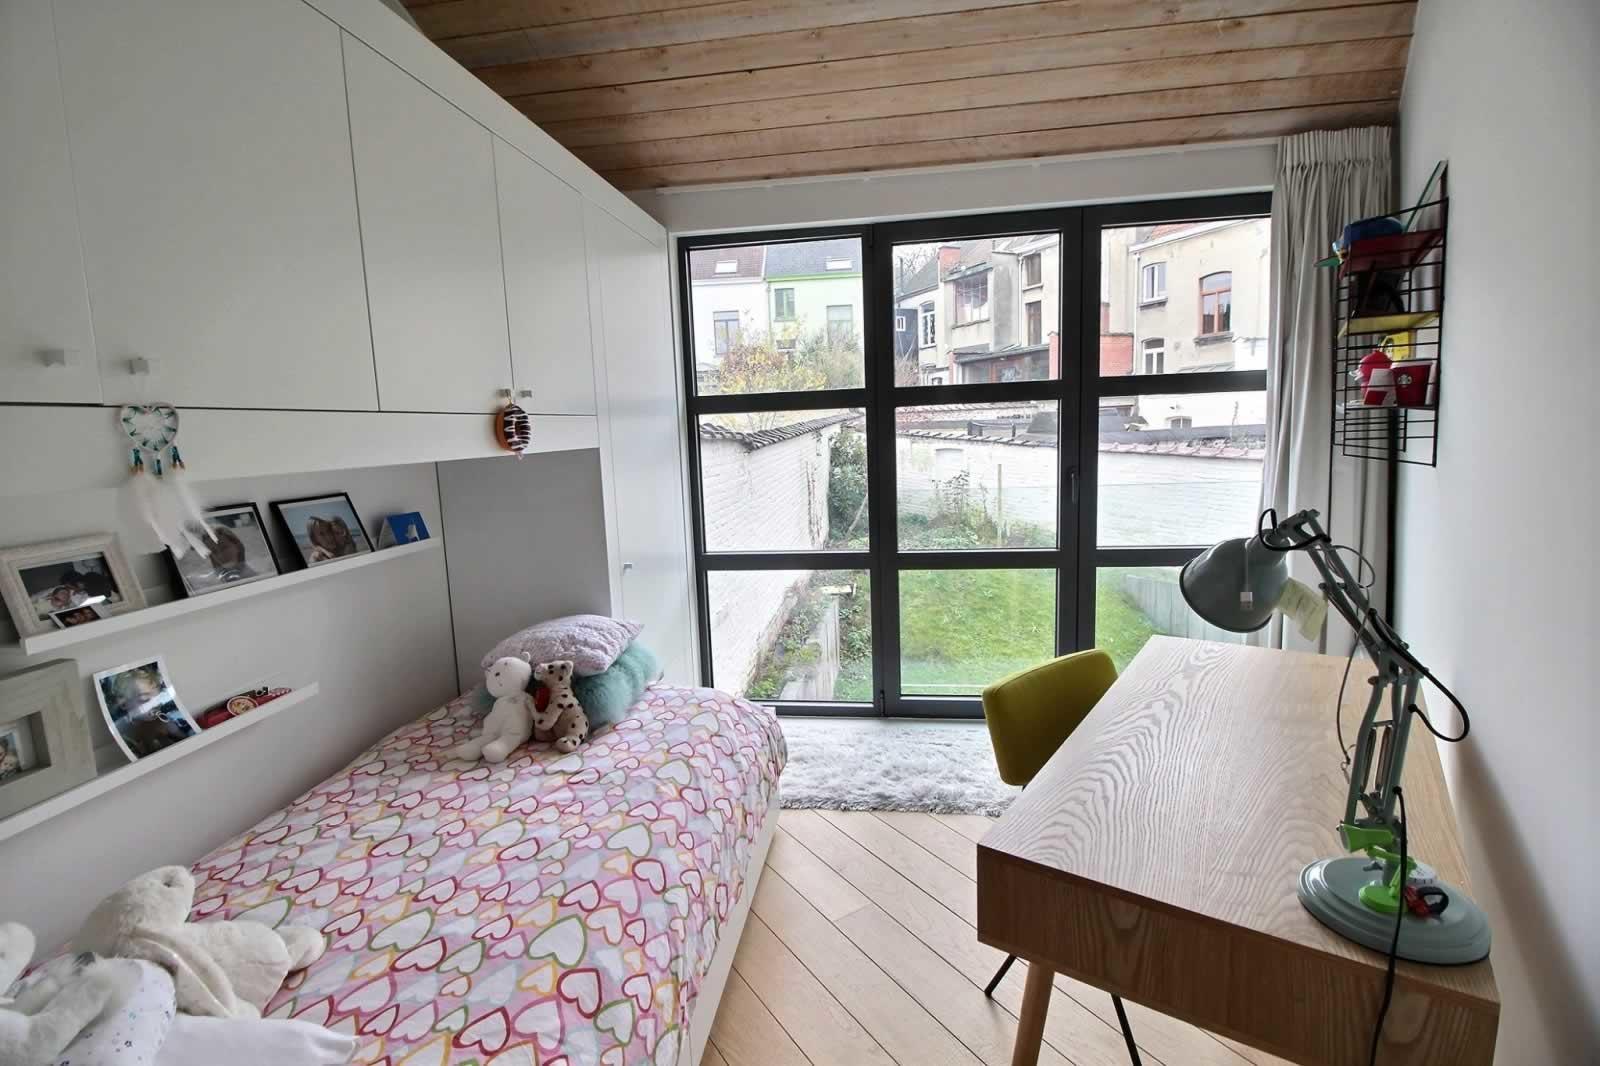 Maison loft urbain moderne de 220 m2 à vendre à Uccle : 3 chambres ...